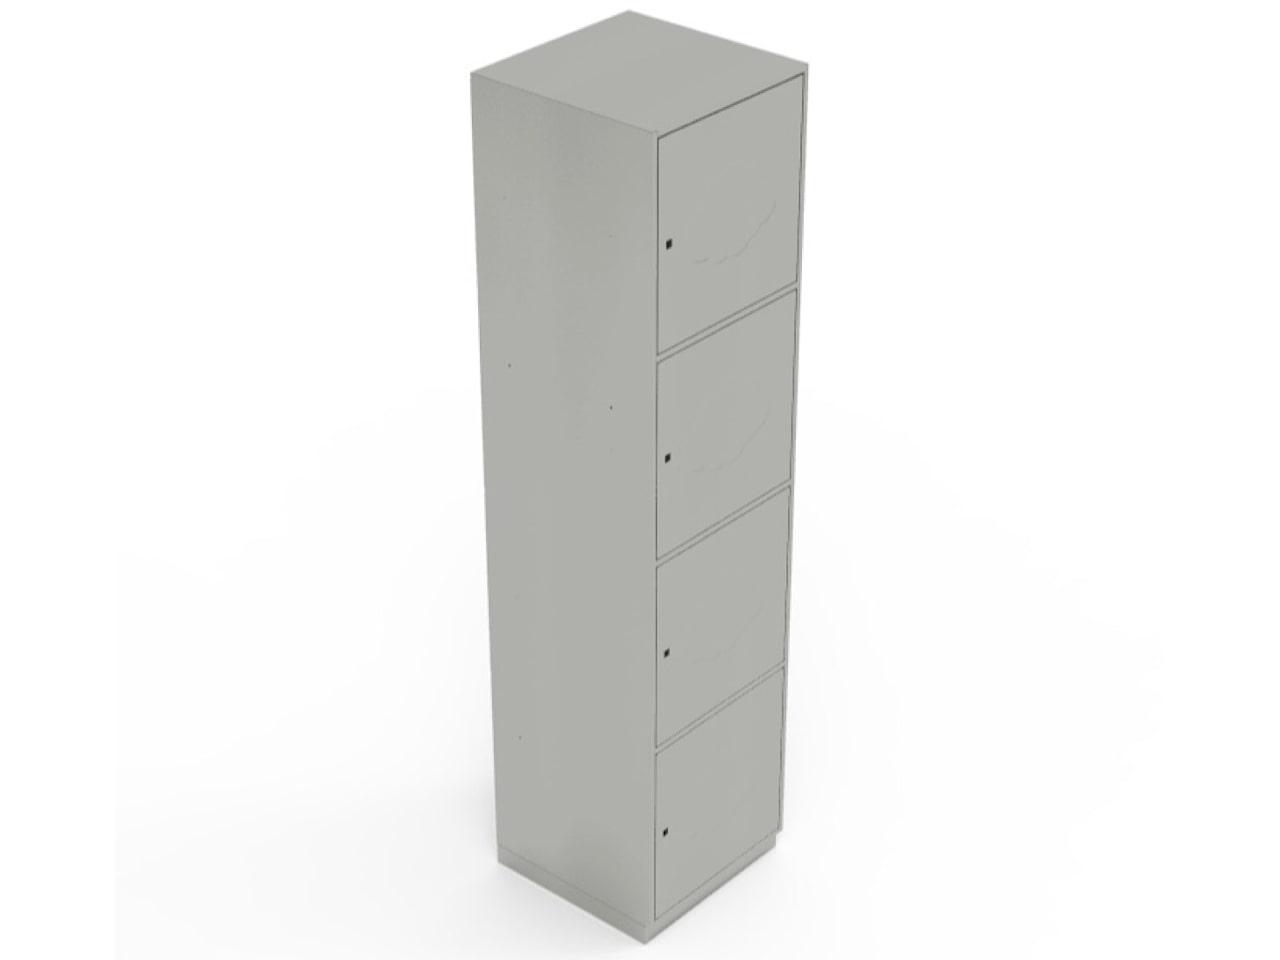 Клиентский шкаф с ячейками на замке